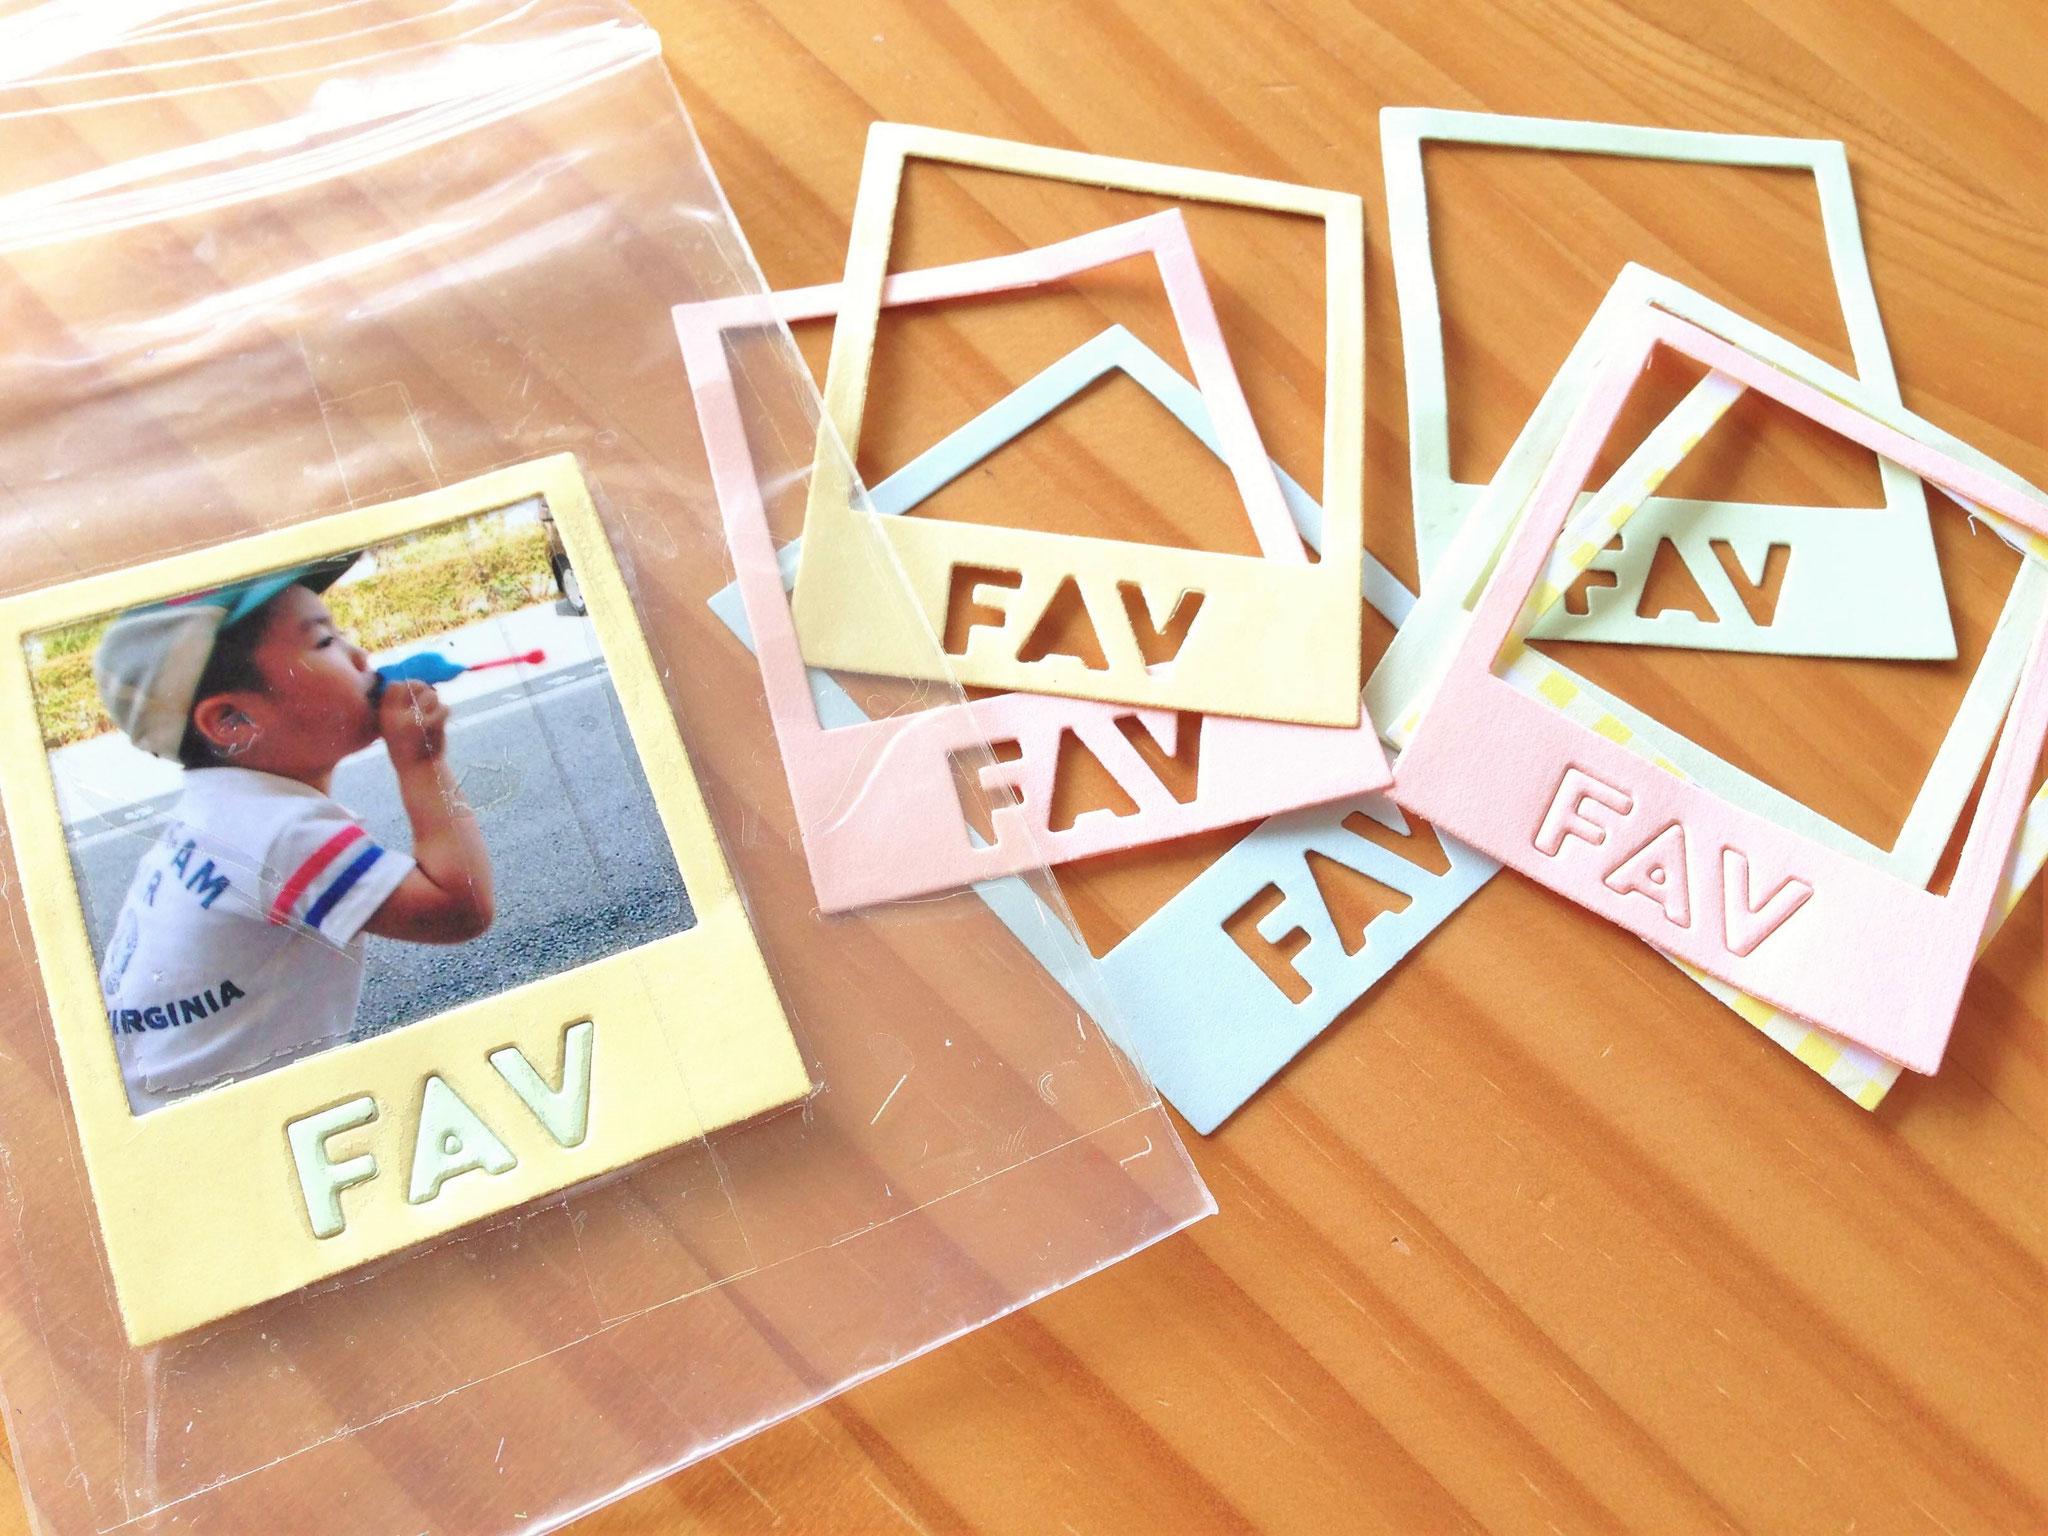 小さめのフォトフレーム「FAV」はフェイバリットのFAVで、お気に入りの写真を入れよう